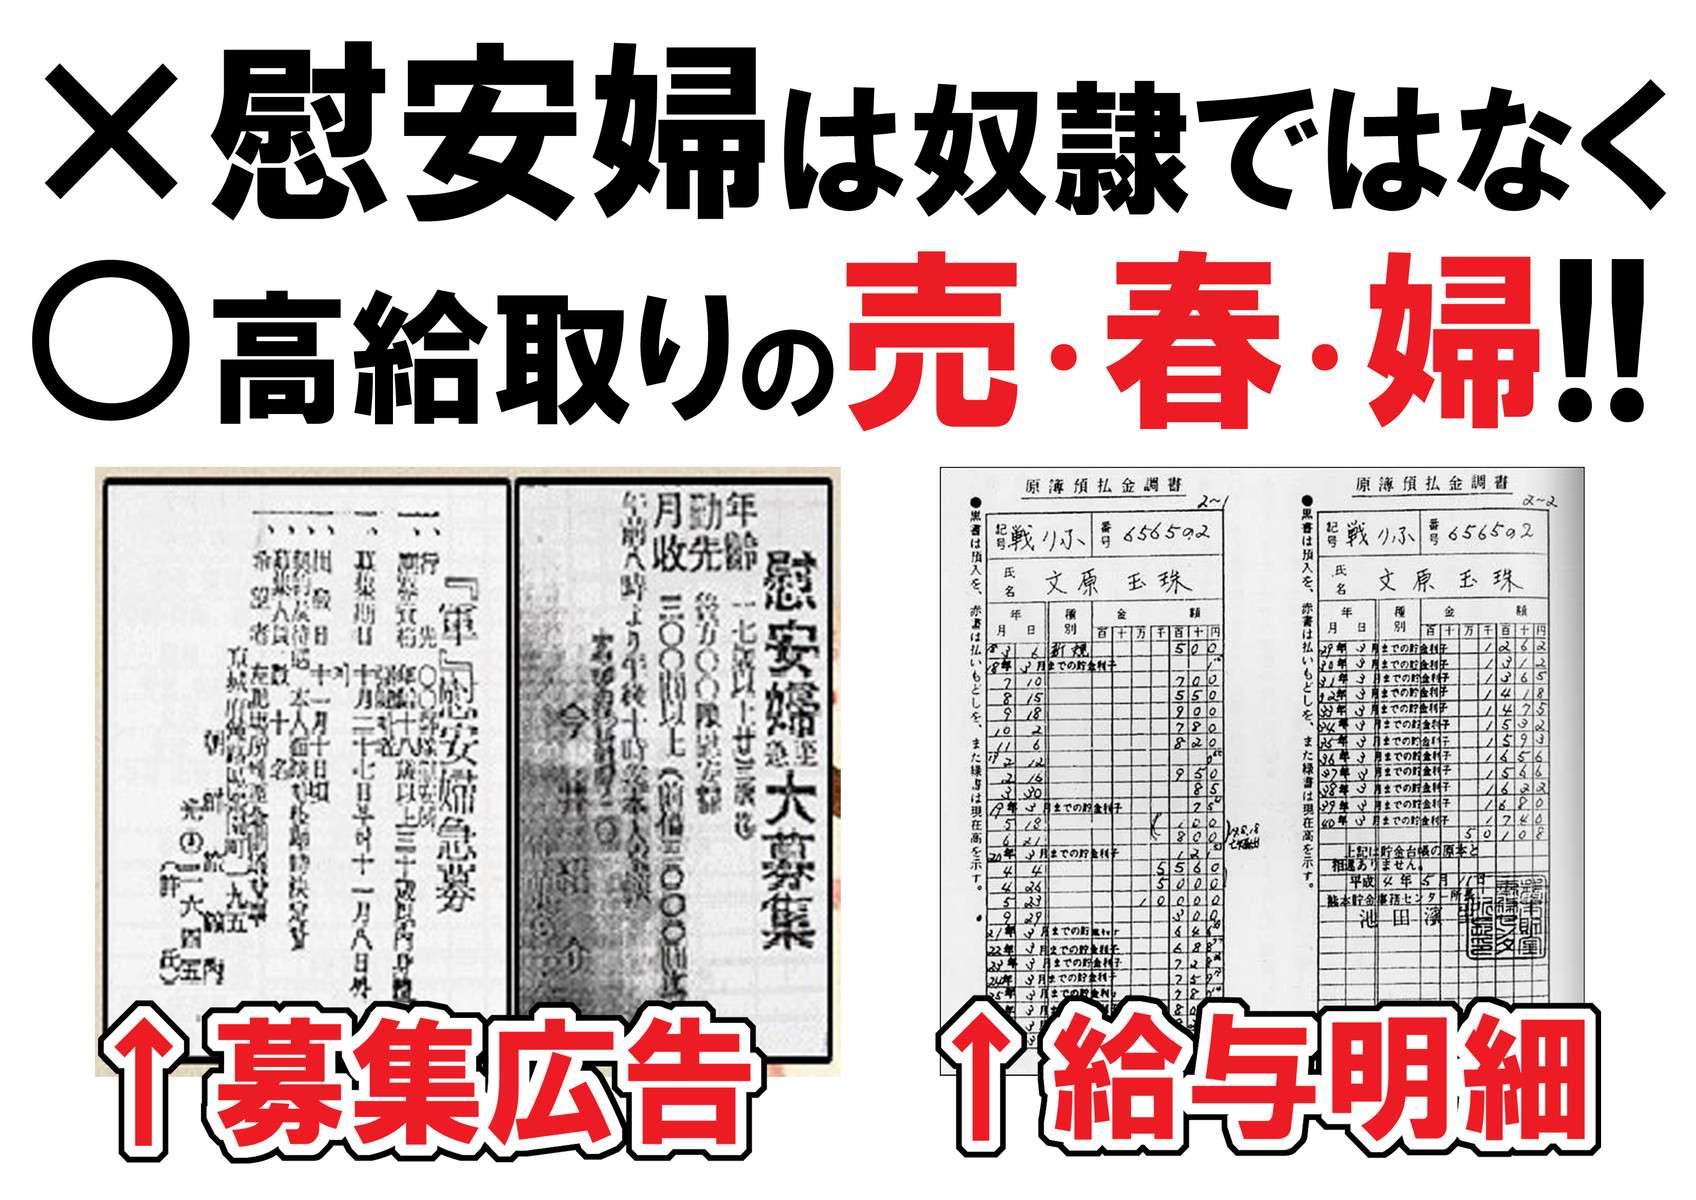 国連の日本批判に一人で立ち上がった主婦 大坪明子さん - Good News ...